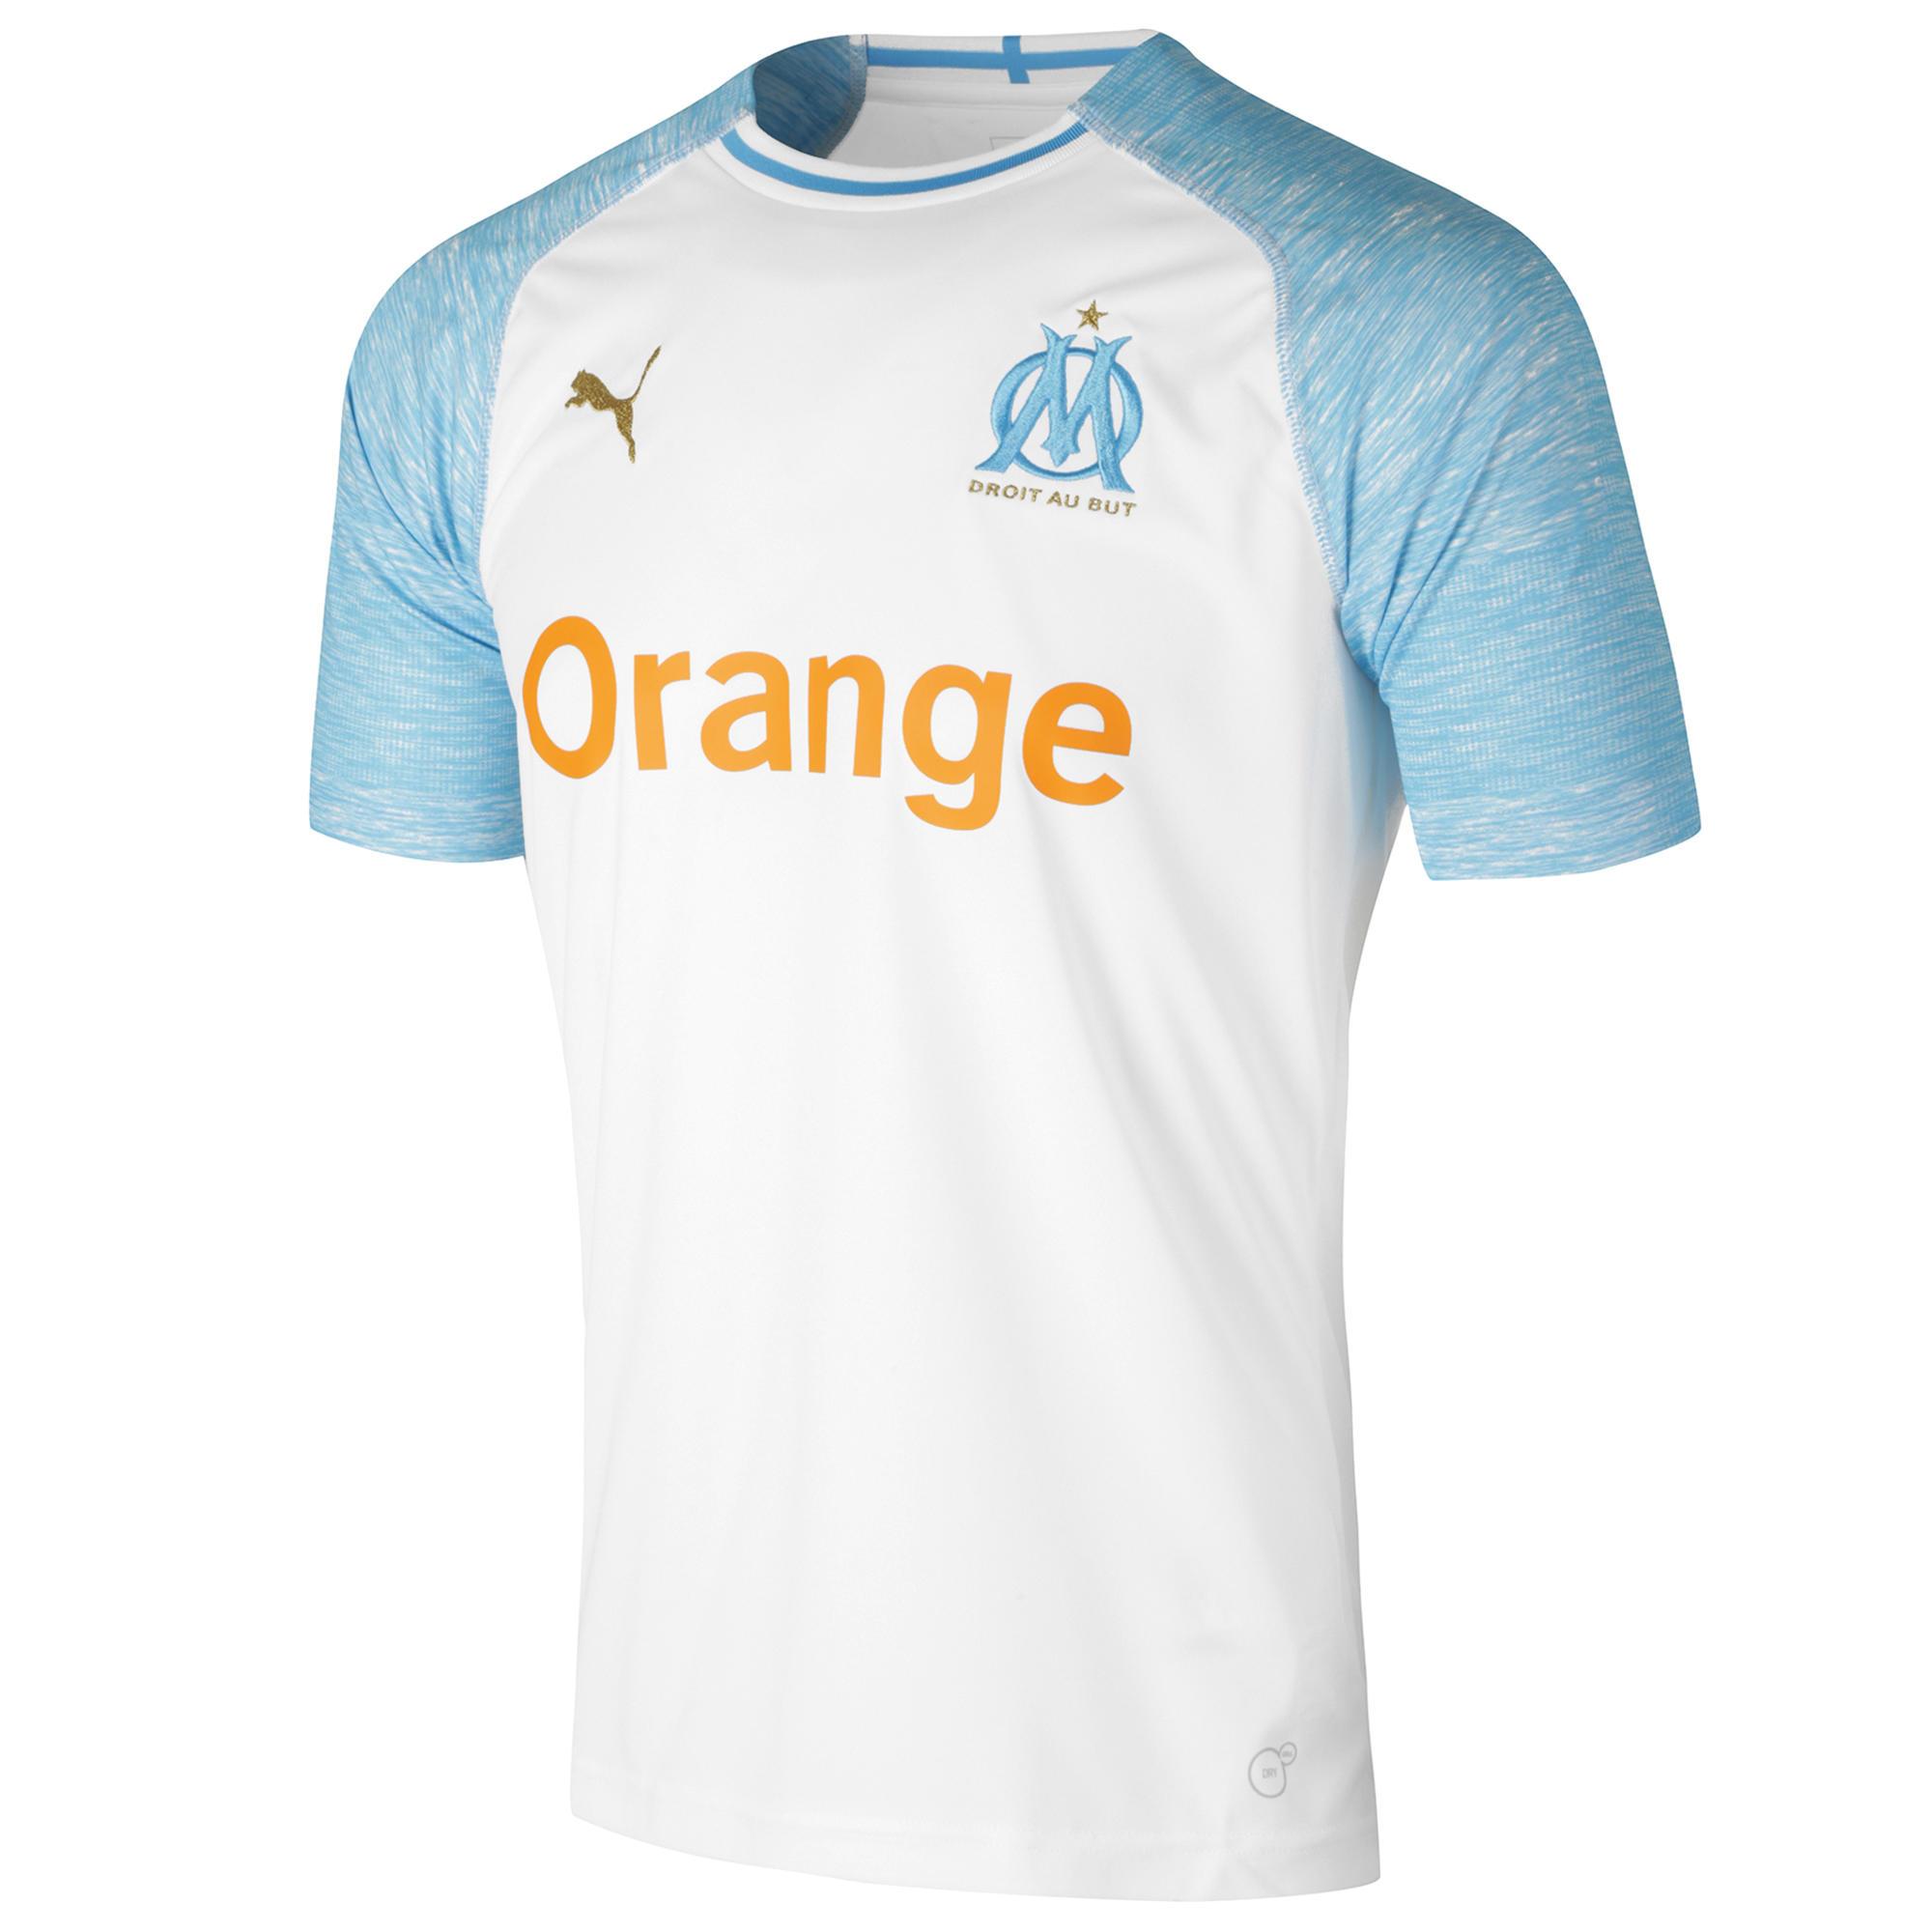 de603d125e Camisetas Oficiales Selecciones y Equipos Fútbol